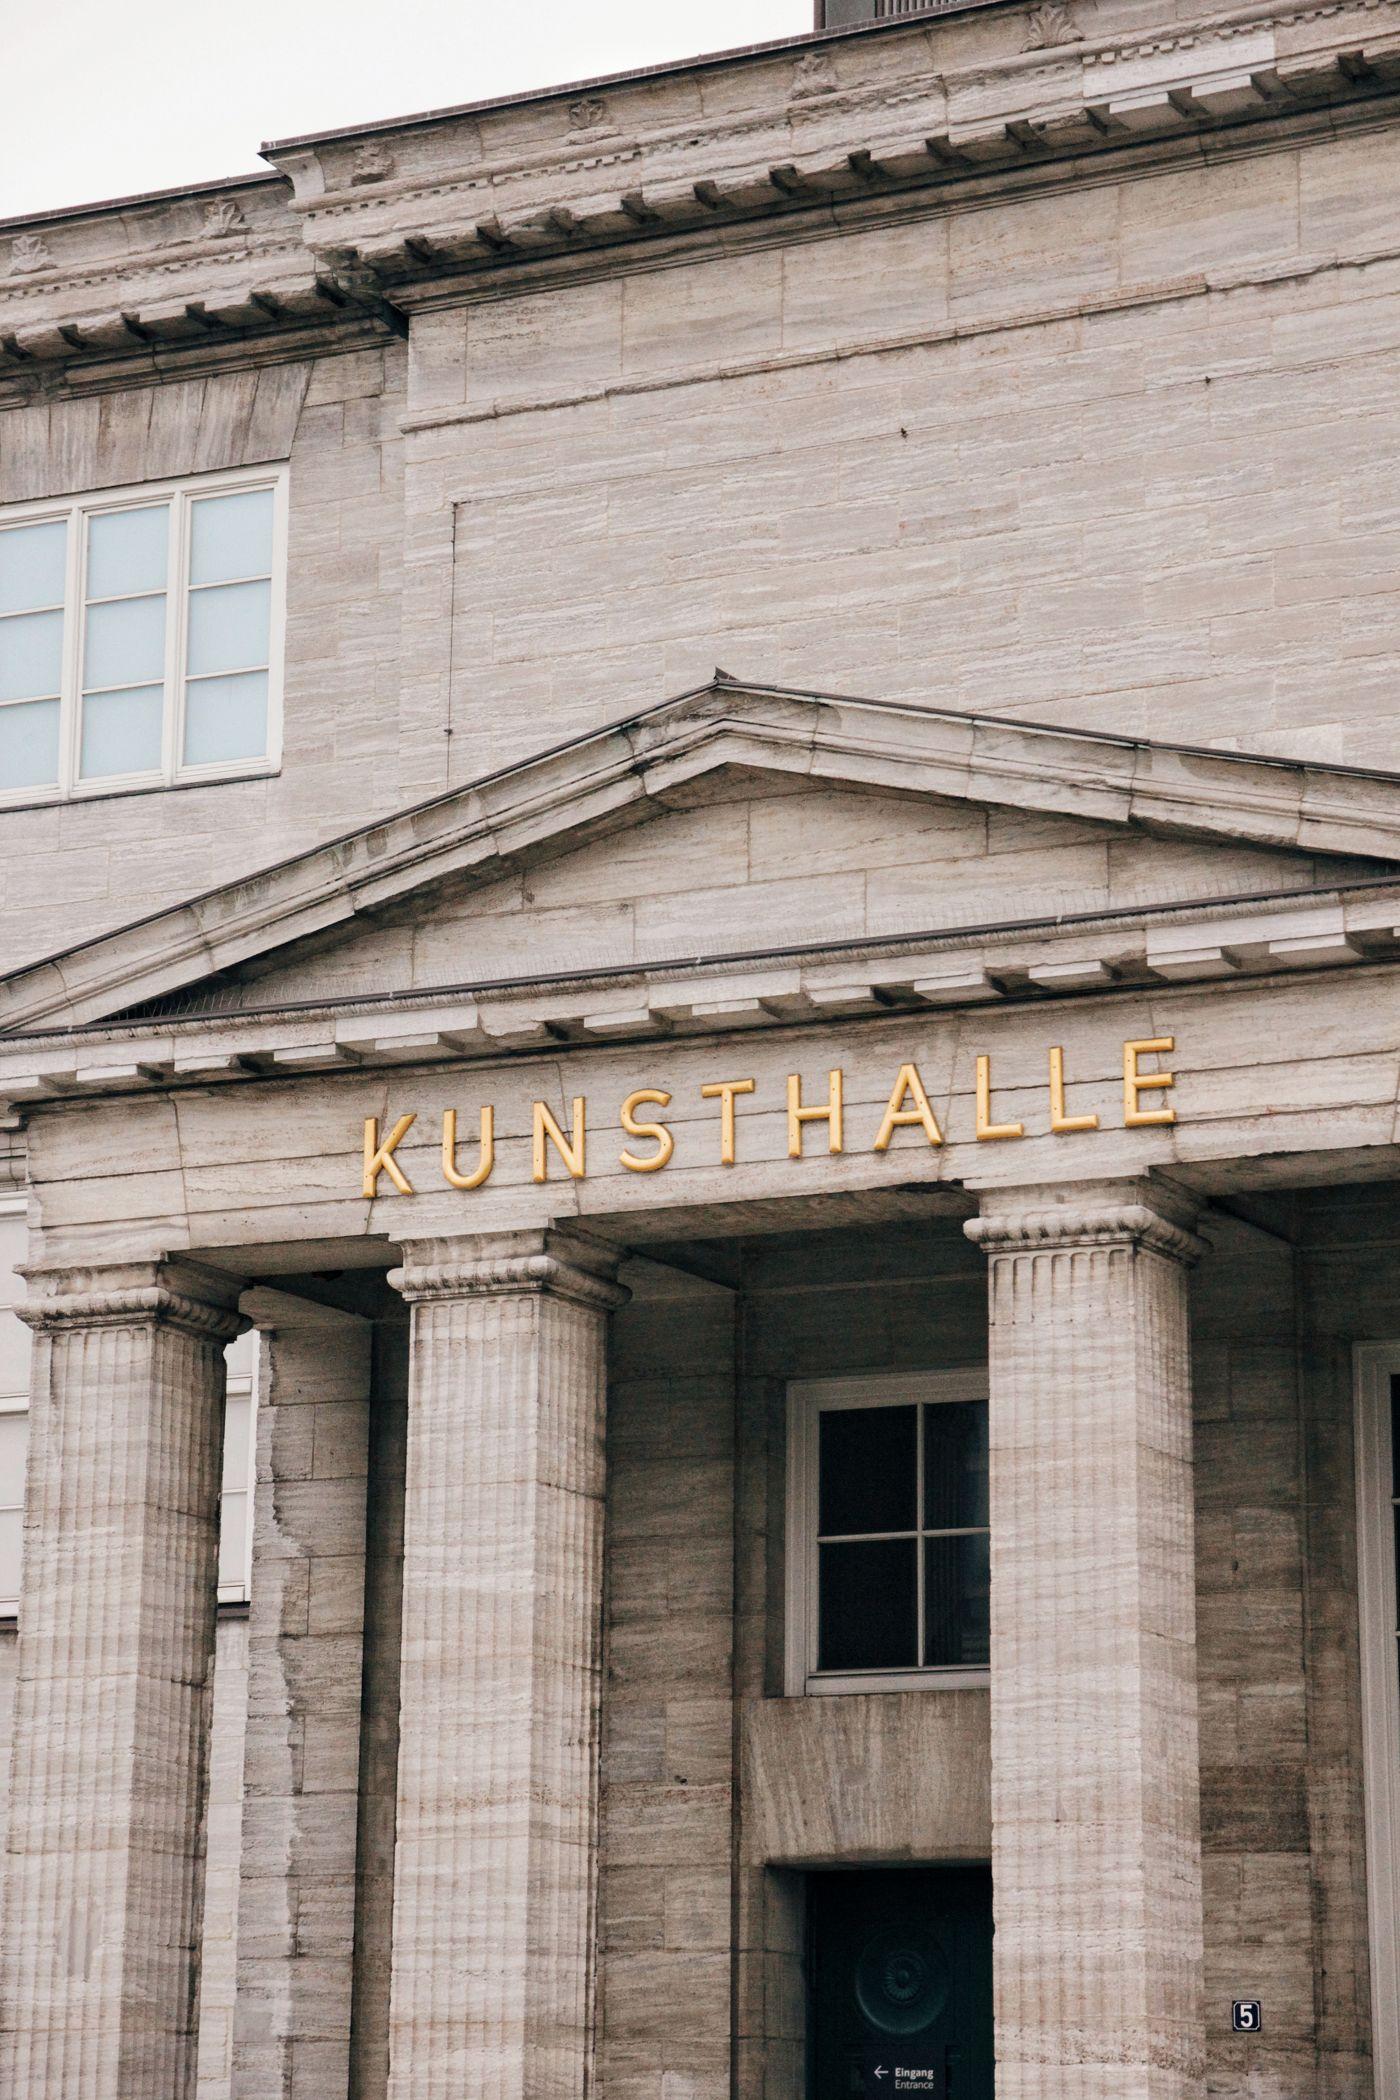 Kunsthalle2.jpeg